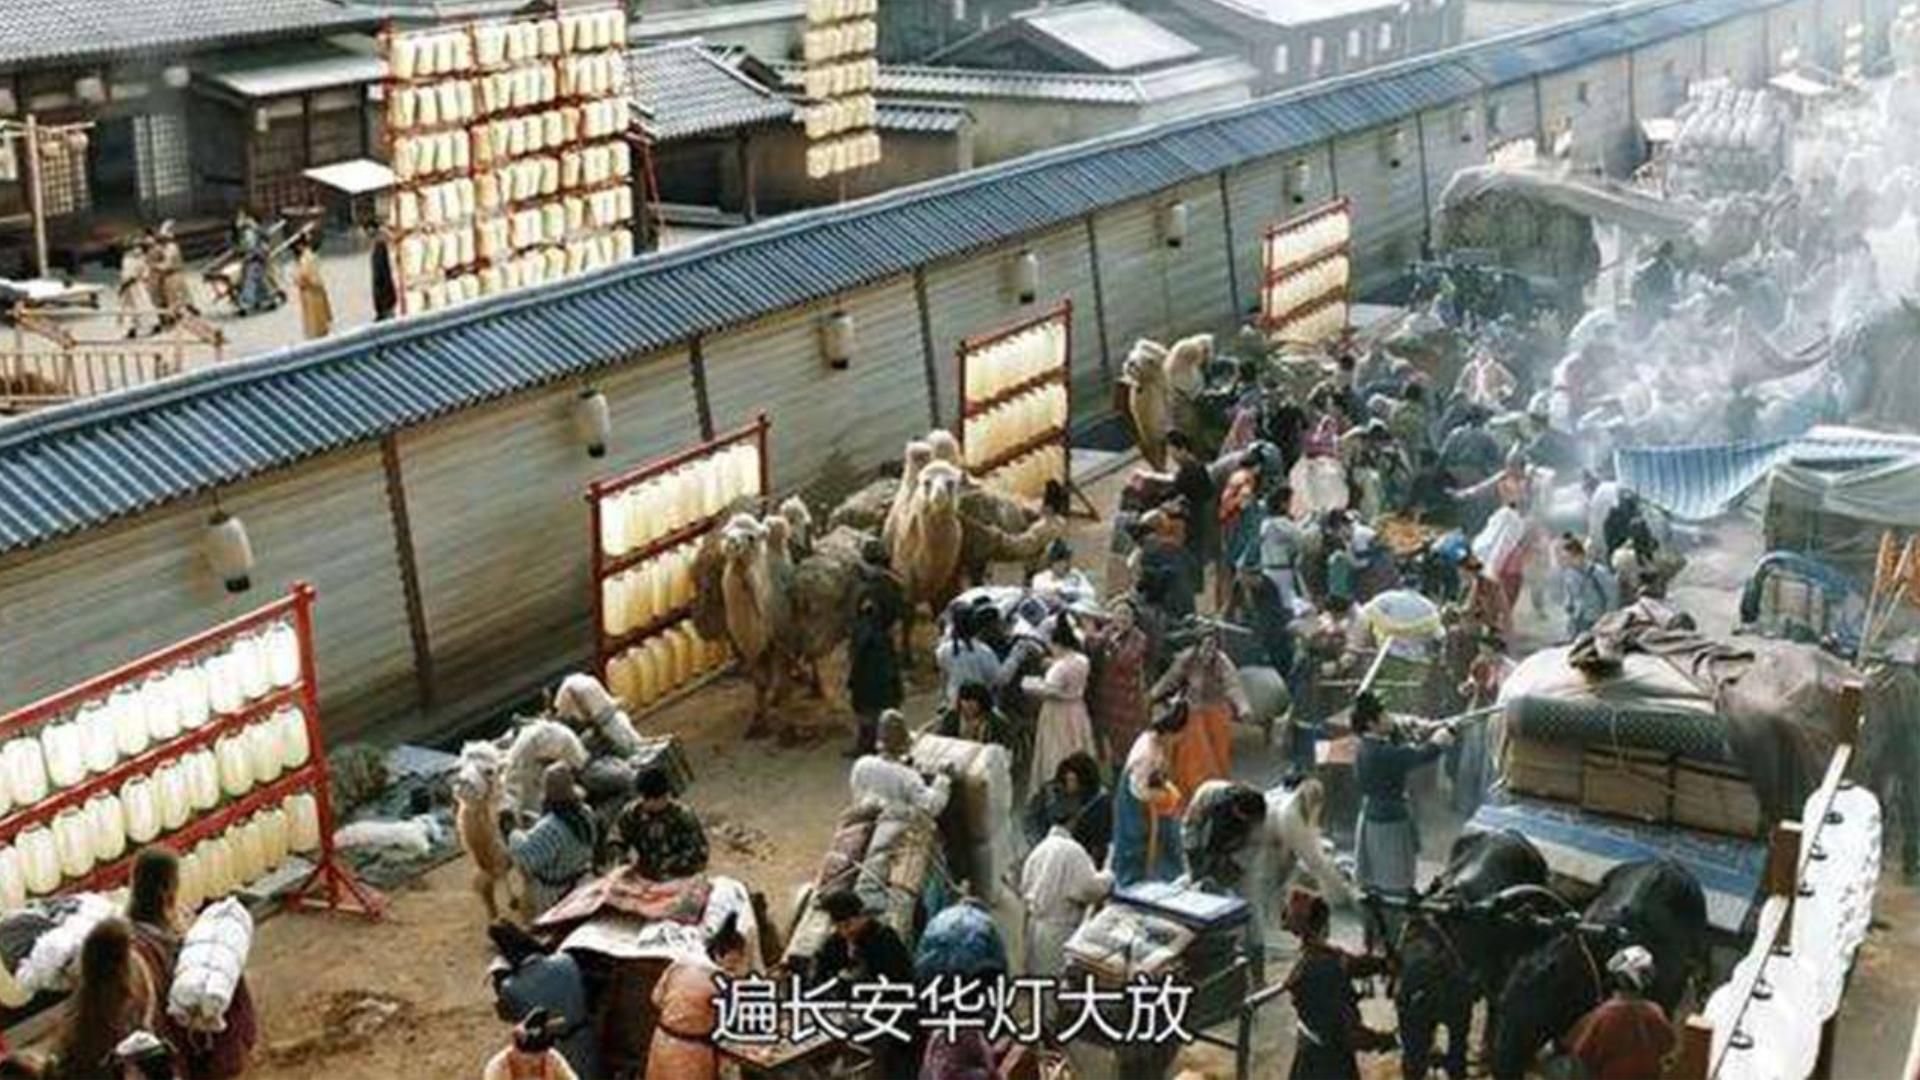 为什么从唐朝中晚期起南方的农业发展较快,并逐渐超过了北方?